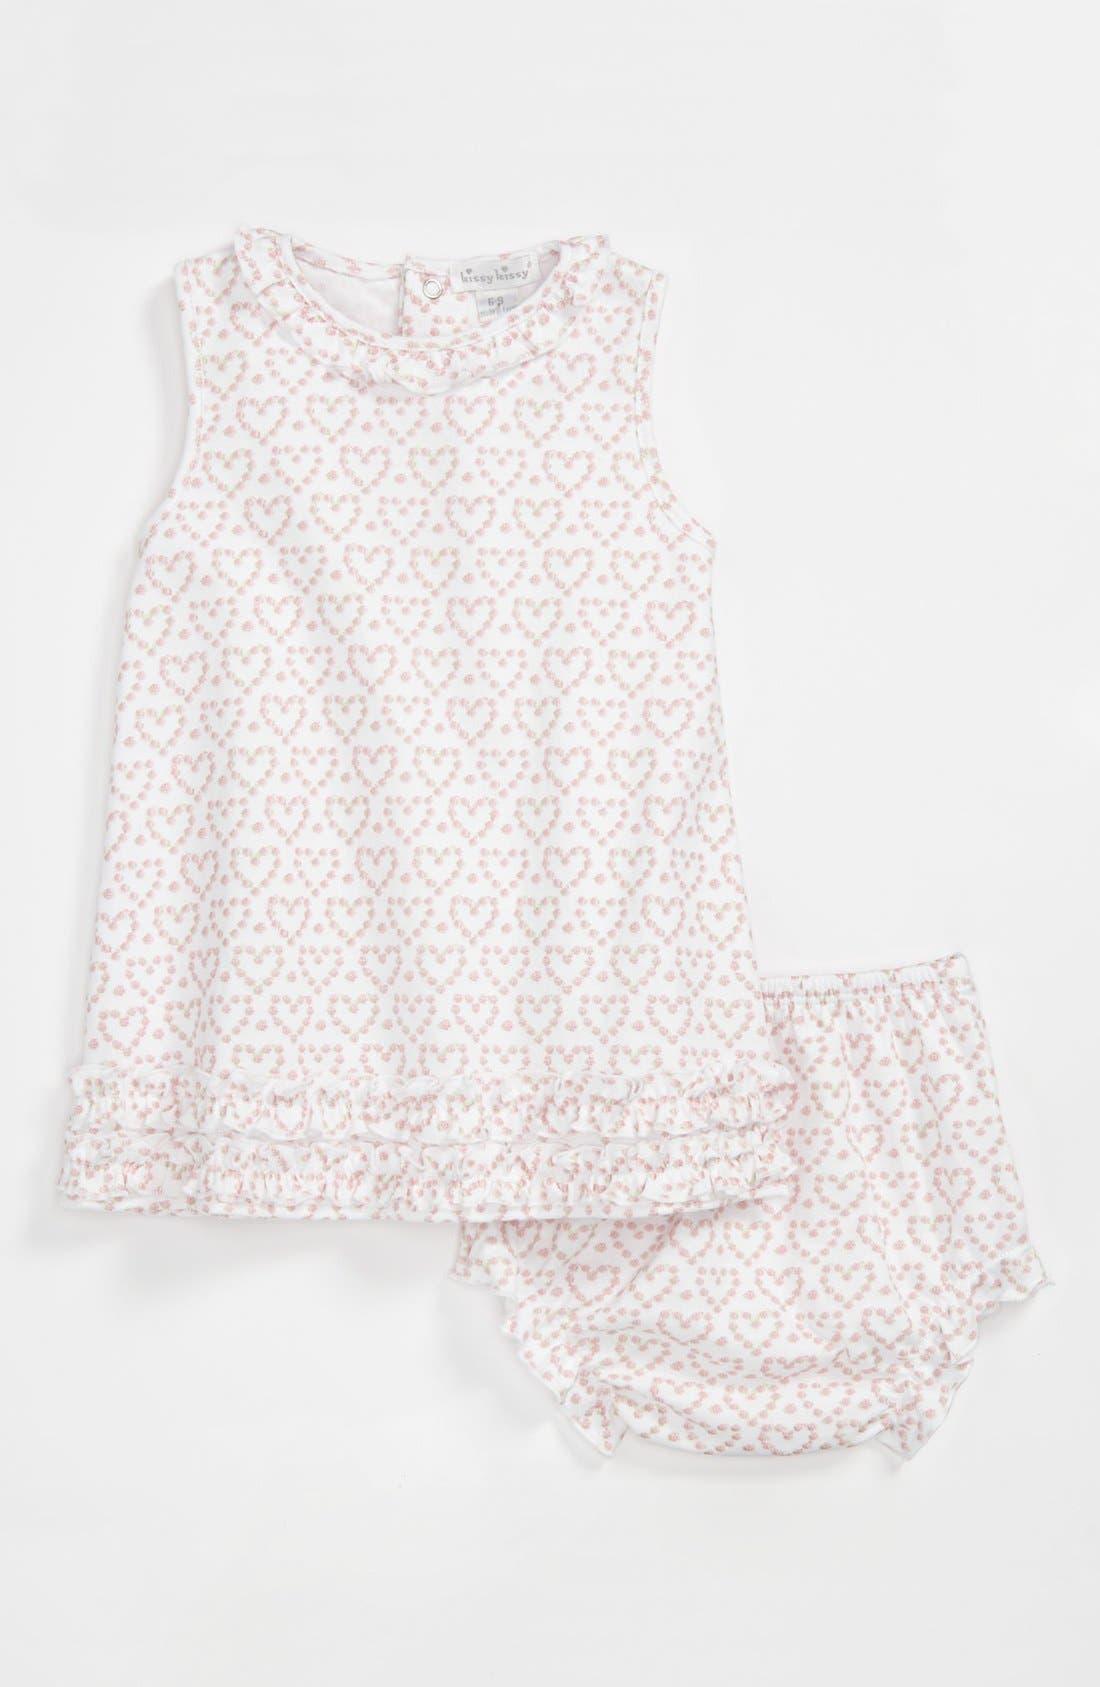 Main Image - Kissy Kissy Sleeveless Dress & Bloomers (Baby)